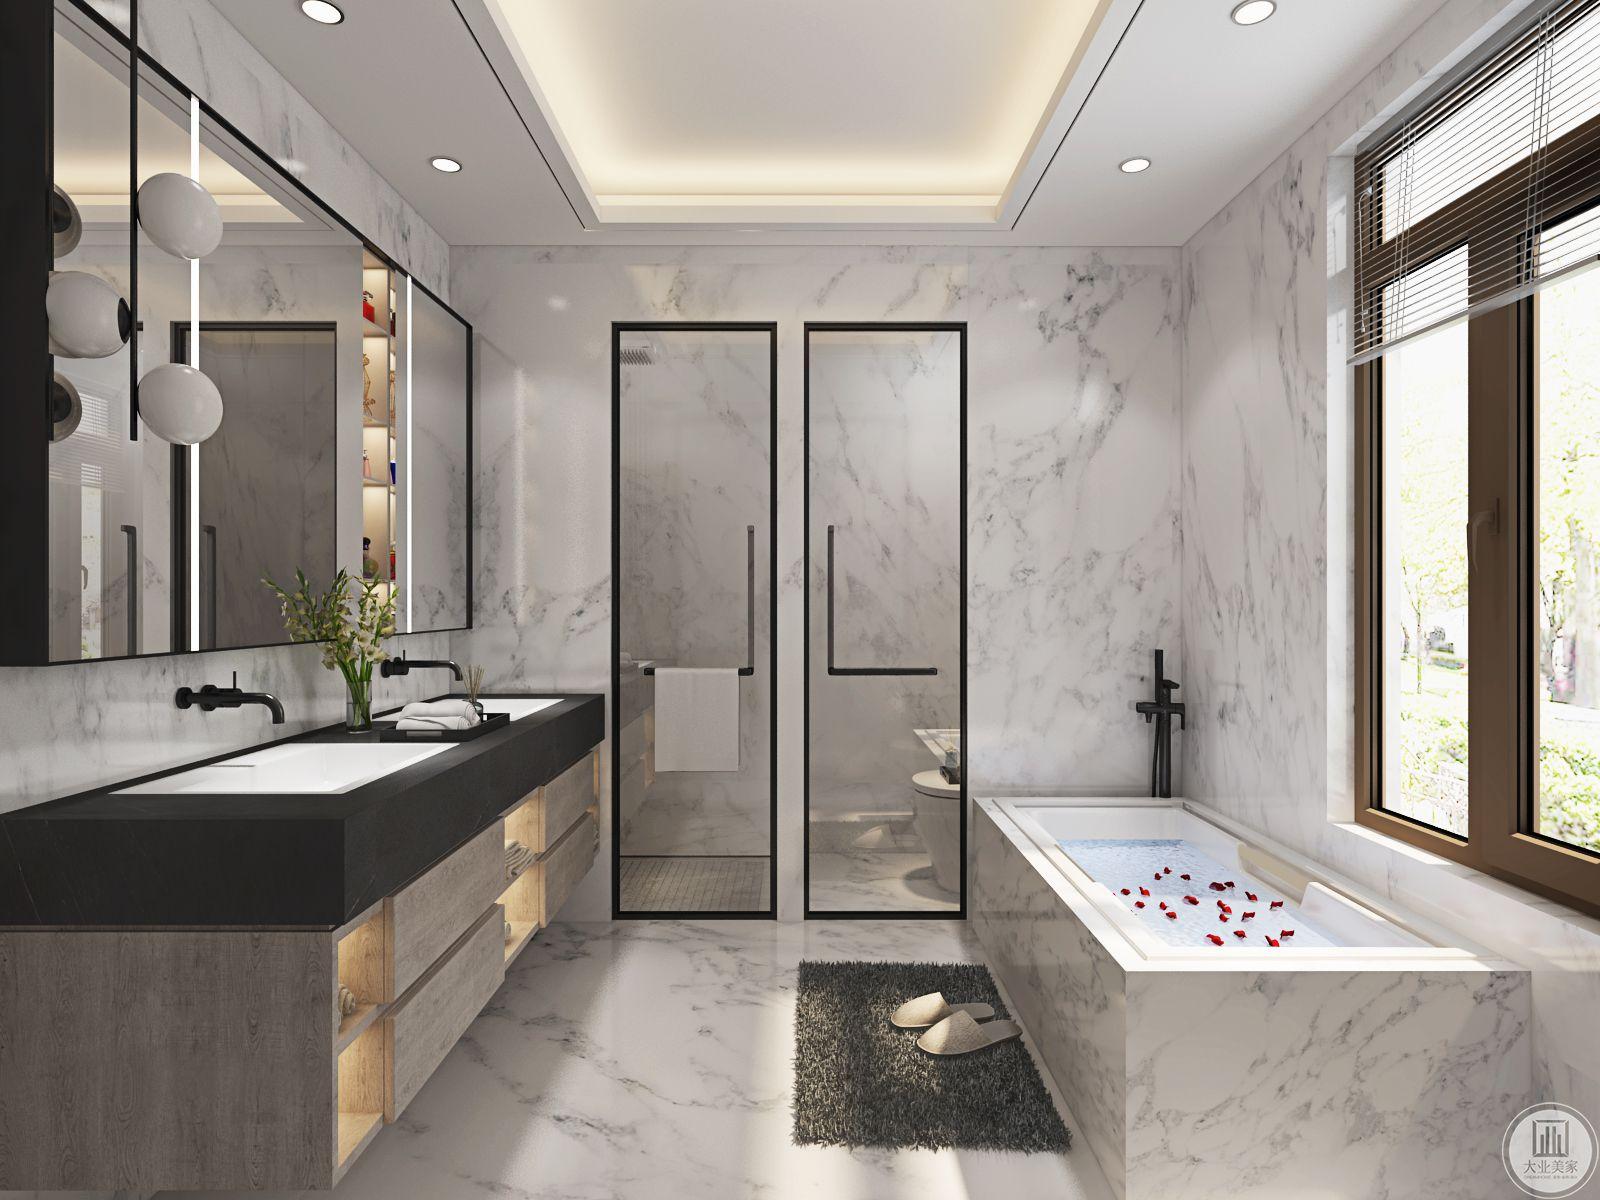 卫生间区设置了洗手台和收纳空间 ,浴缸的设计合理利用了空间。